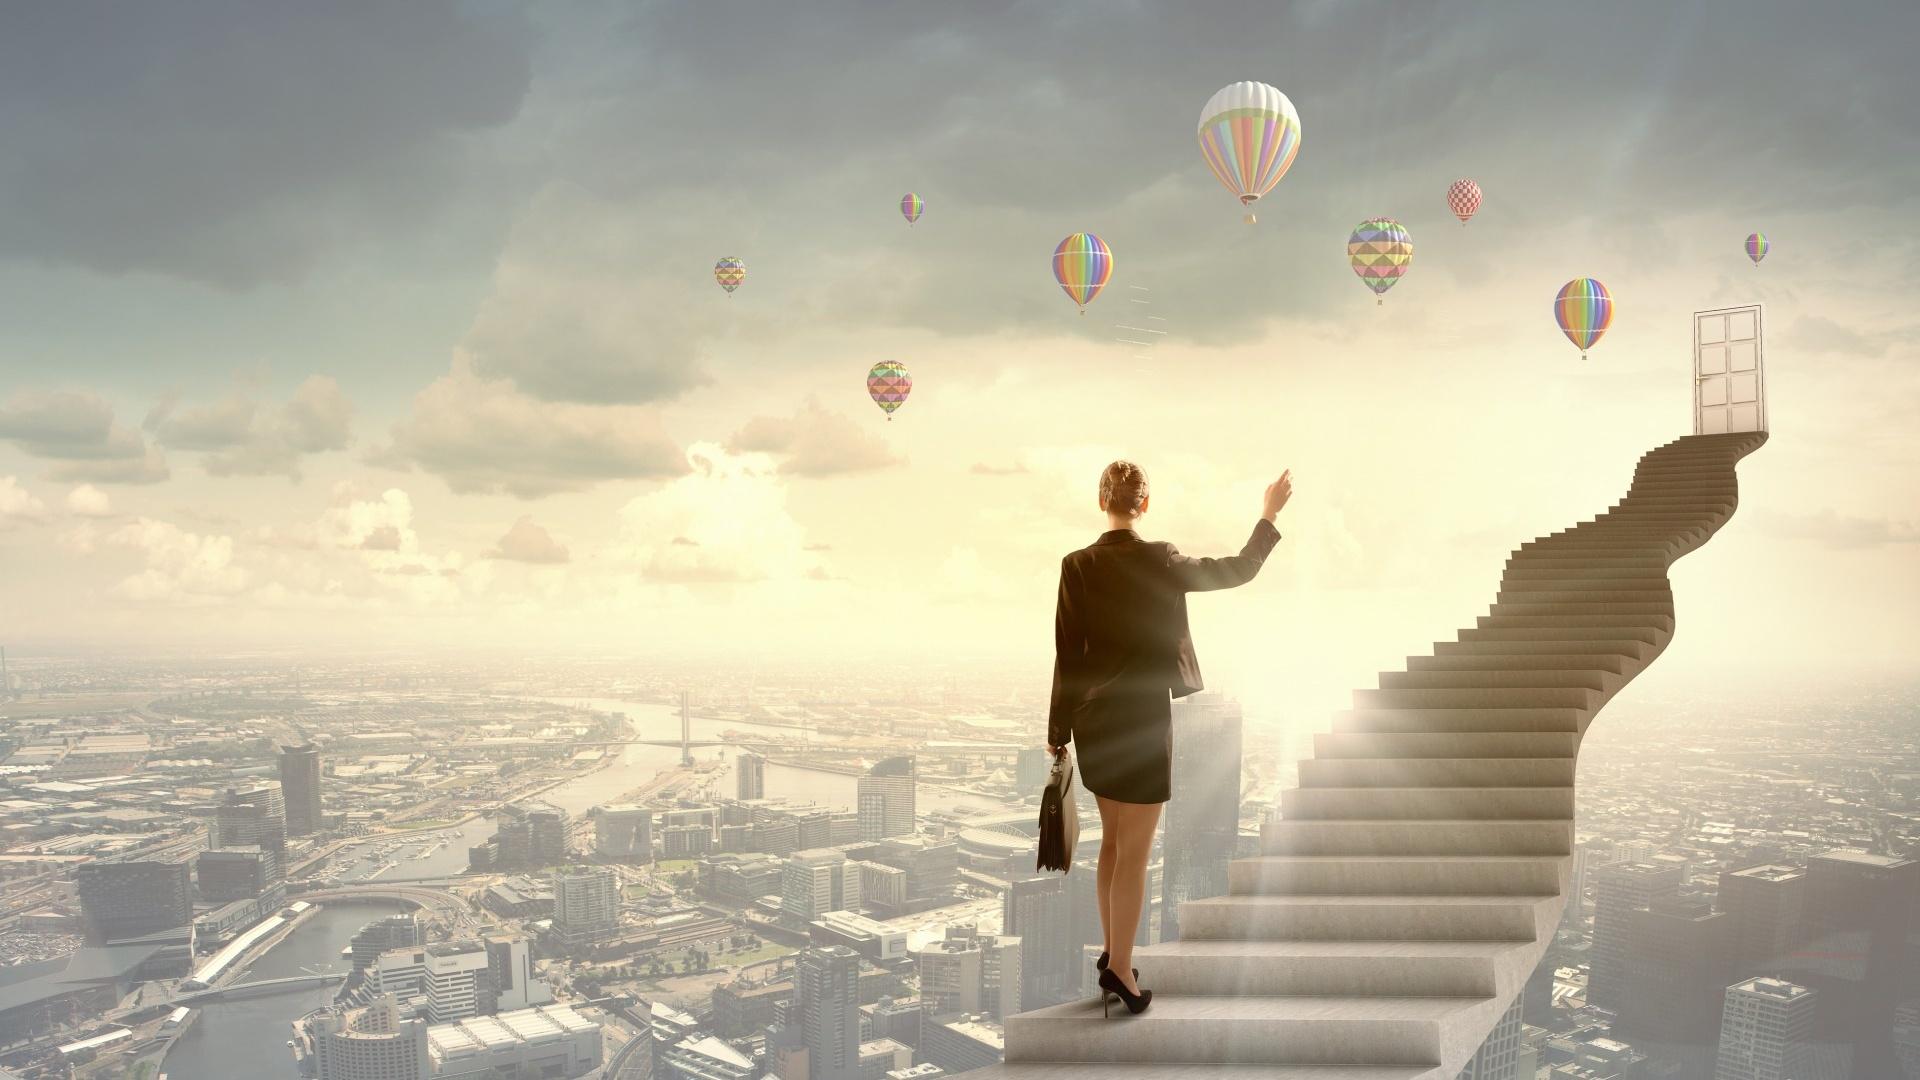 Что нужно чтобы стать успешным?